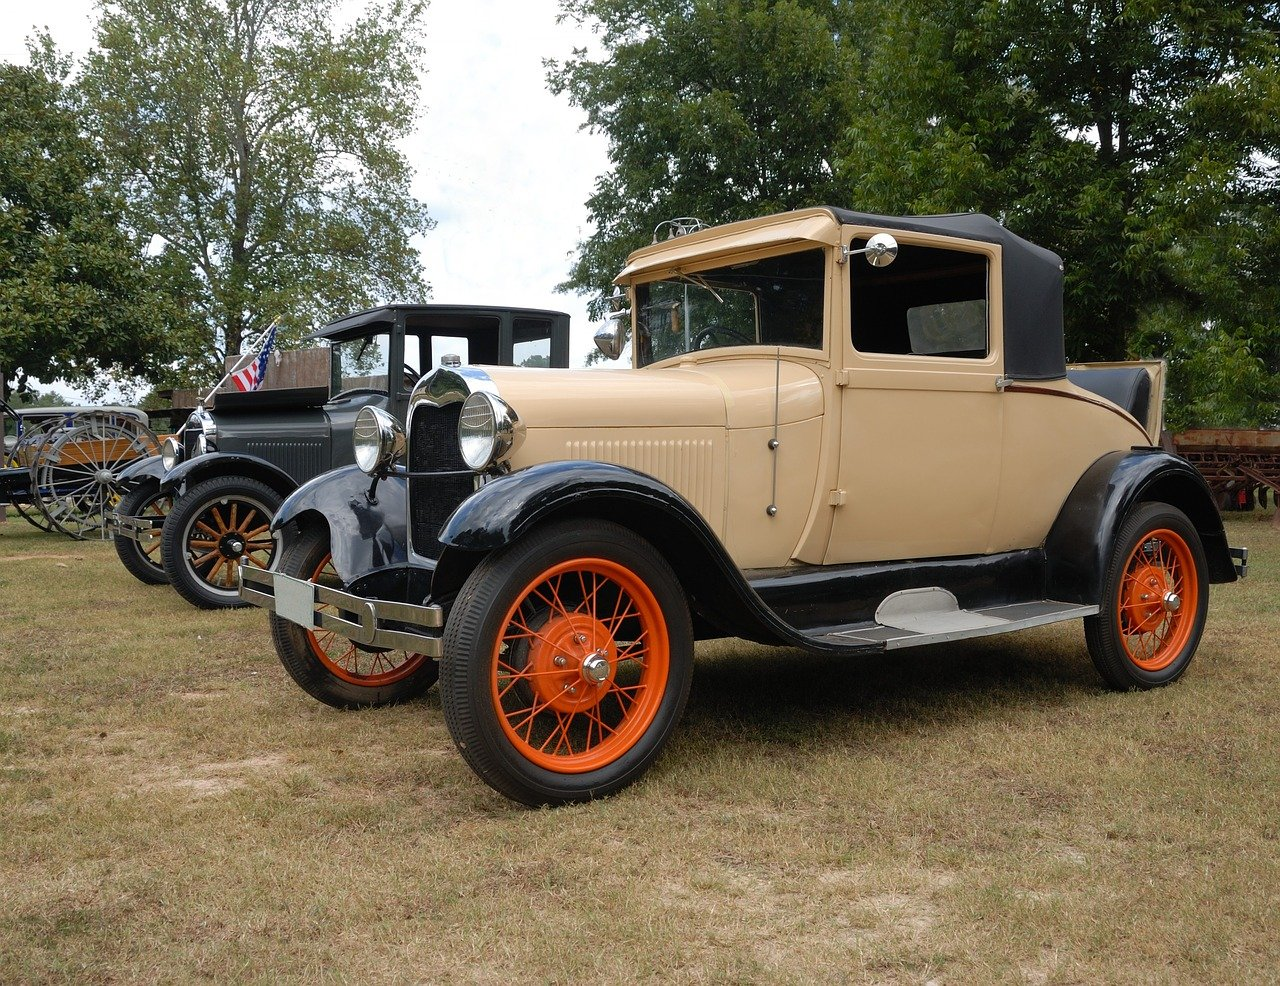 Vintage Car in Somerville - VeteranCarDonations.org